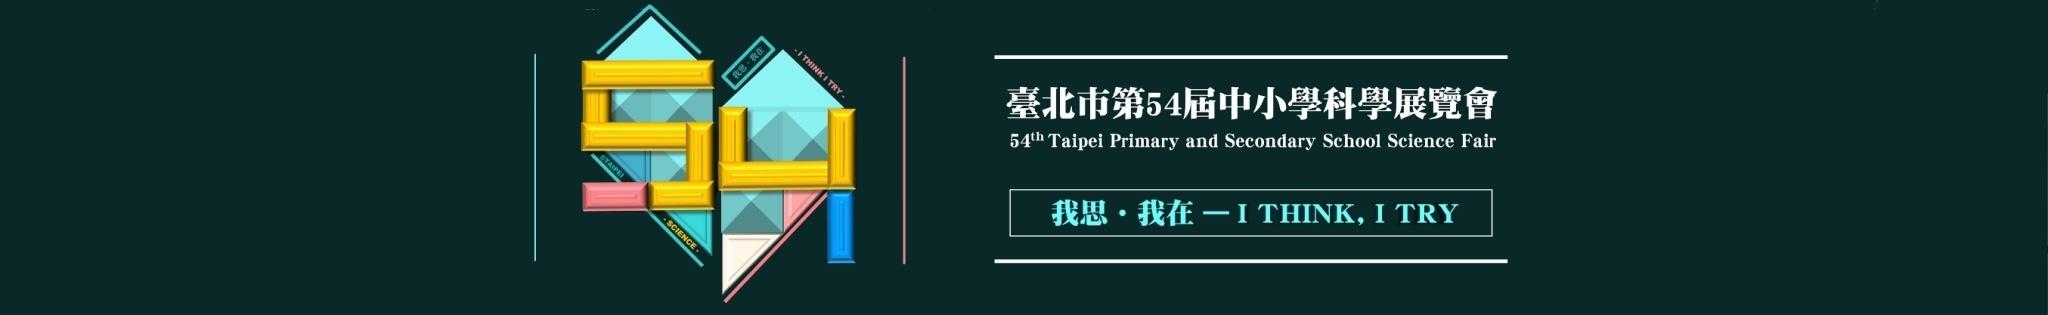 臺北市科學展覽資源網